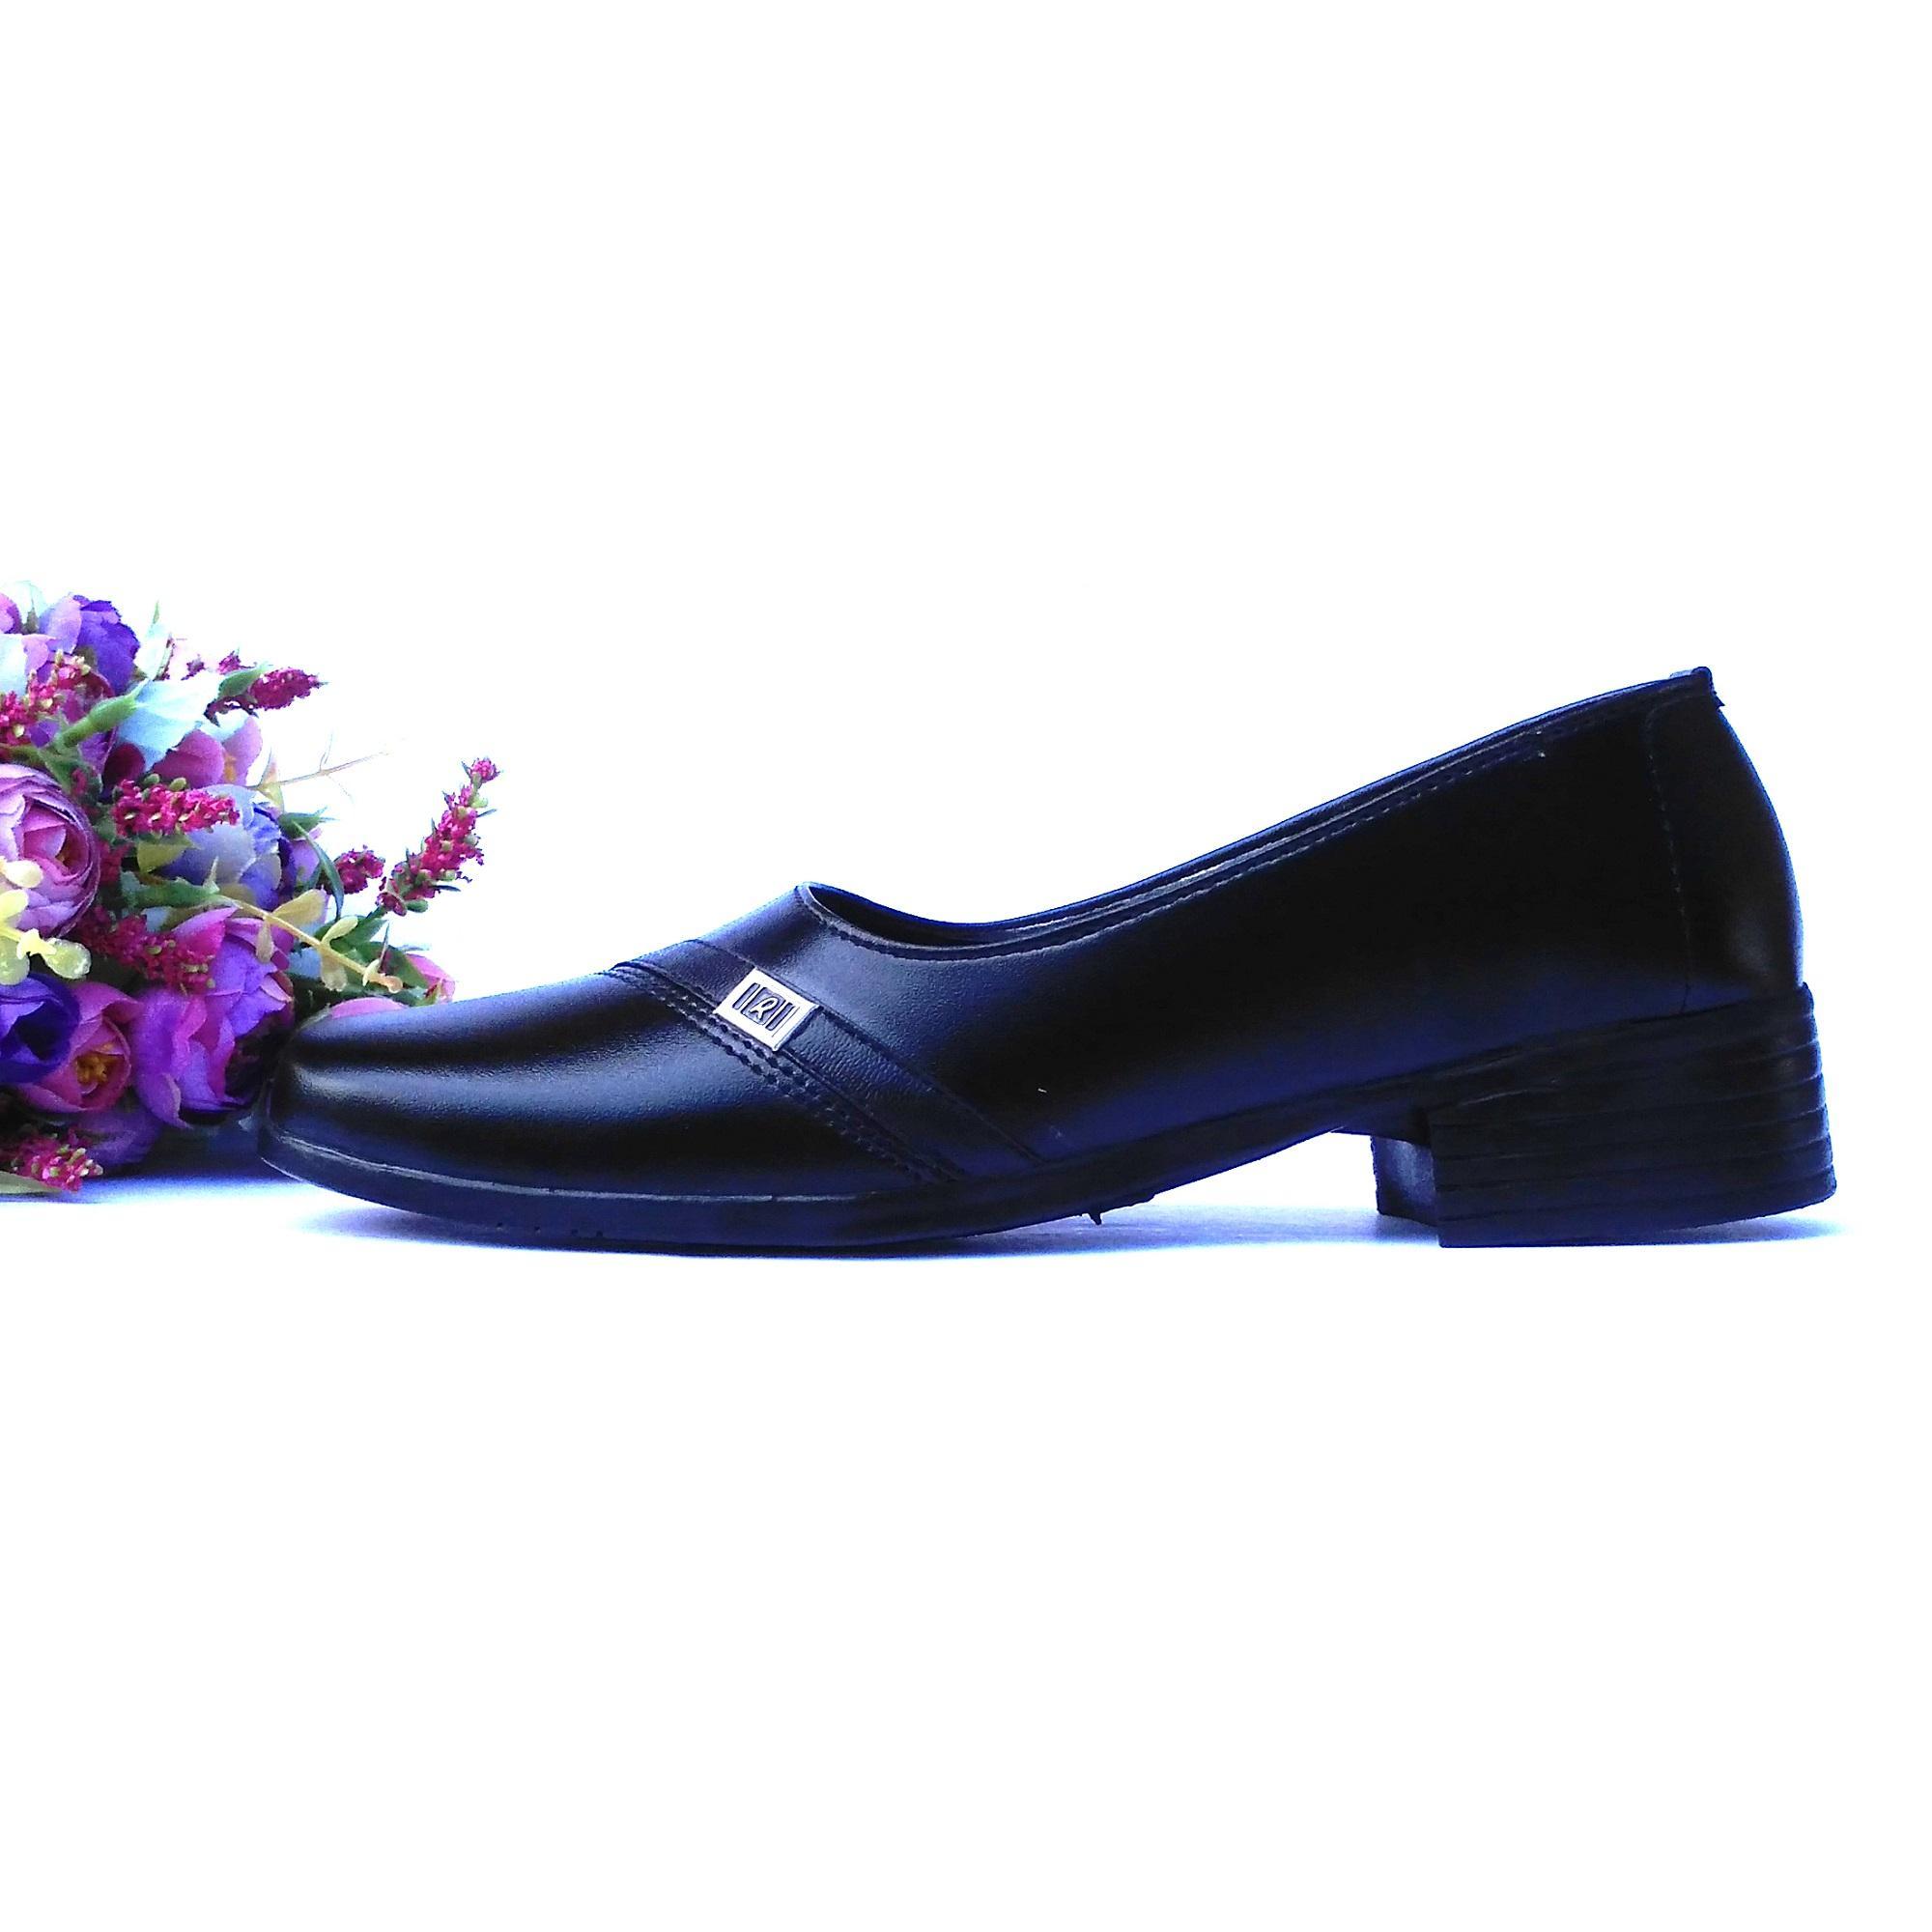 Detail Gambar HQo Sepatu Pantofel Wanita Sepatu Wanita Formal Sepatu  Pantofel Paskibra Wanita Bertali Sepatu Kerja 5b2b543bdb